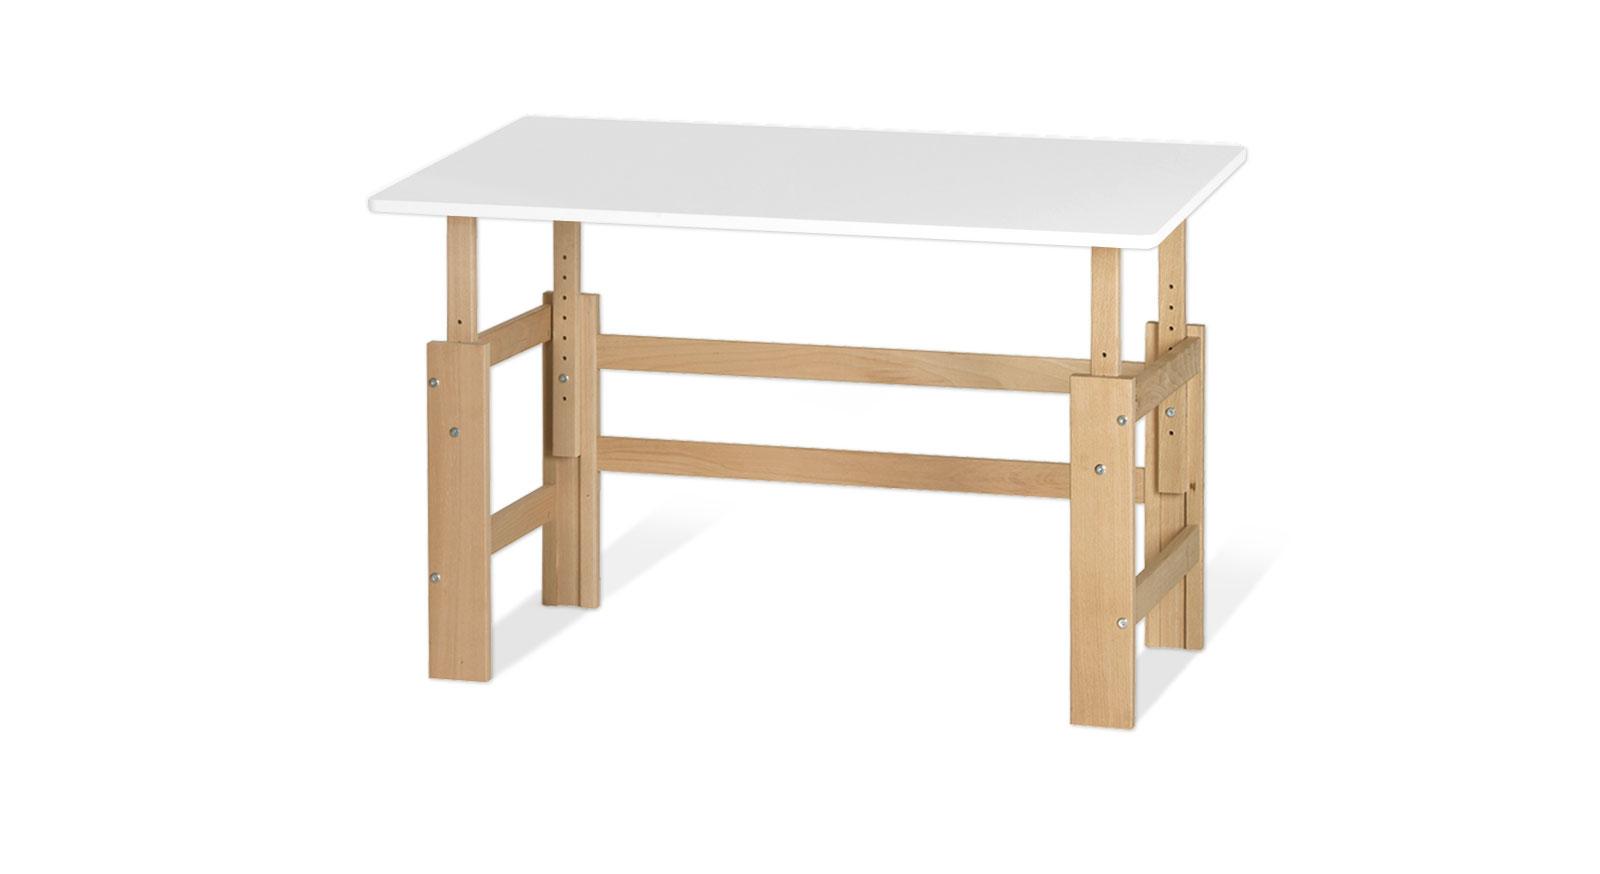 Kinderschreibtisch höhenverstellbar  Höhenverstellbarer Kinder-Schreibtisch aus Buche - Kids Town